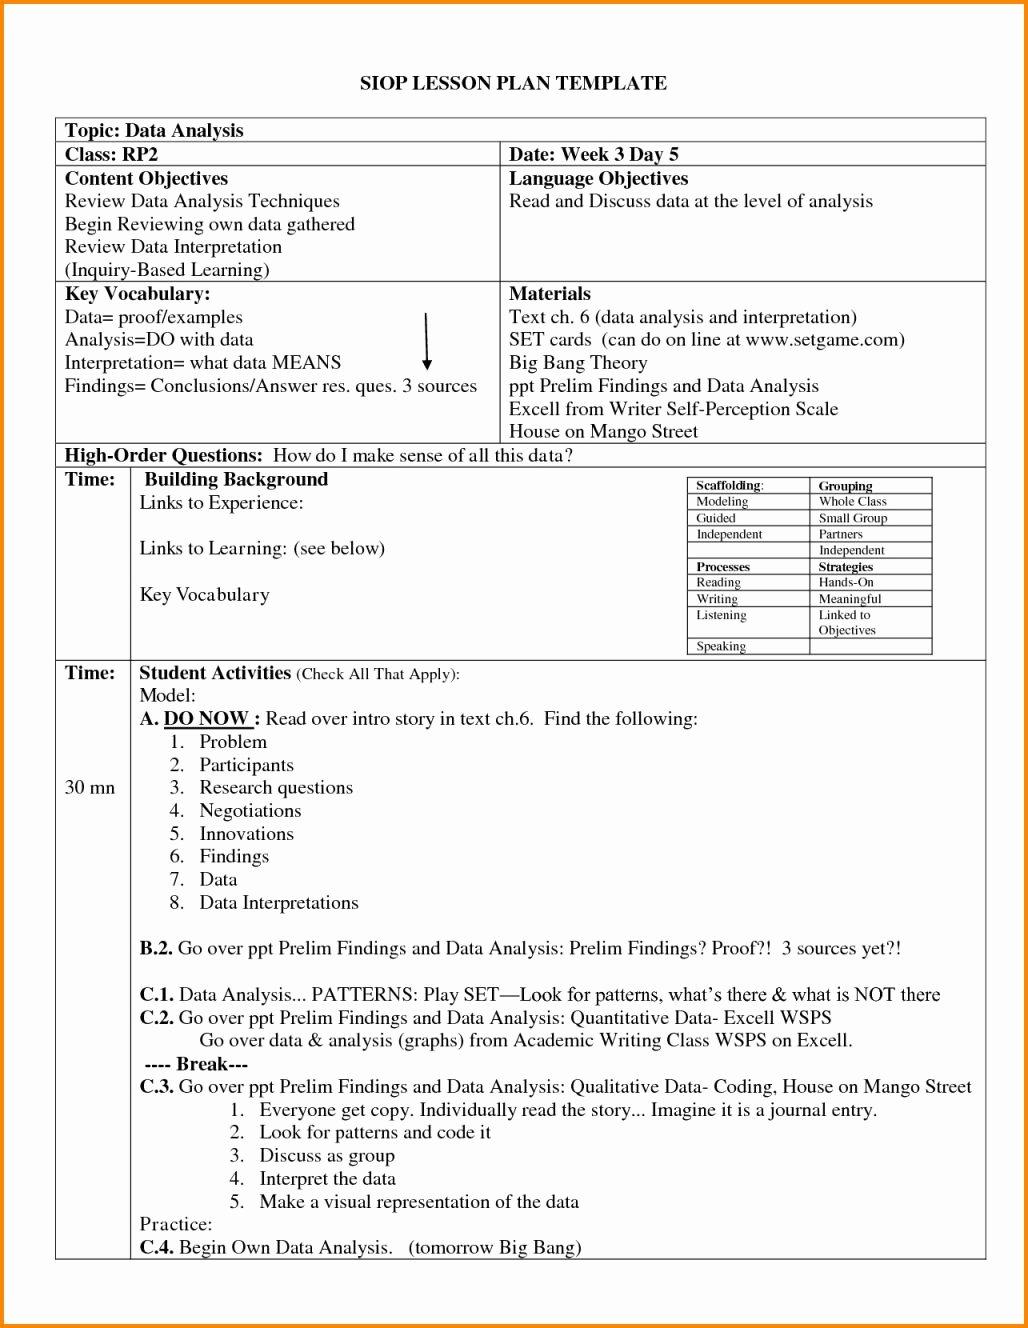 Siop Lesson Plan Template Fresh 14 Swbat Unterrichtsplanvorlage